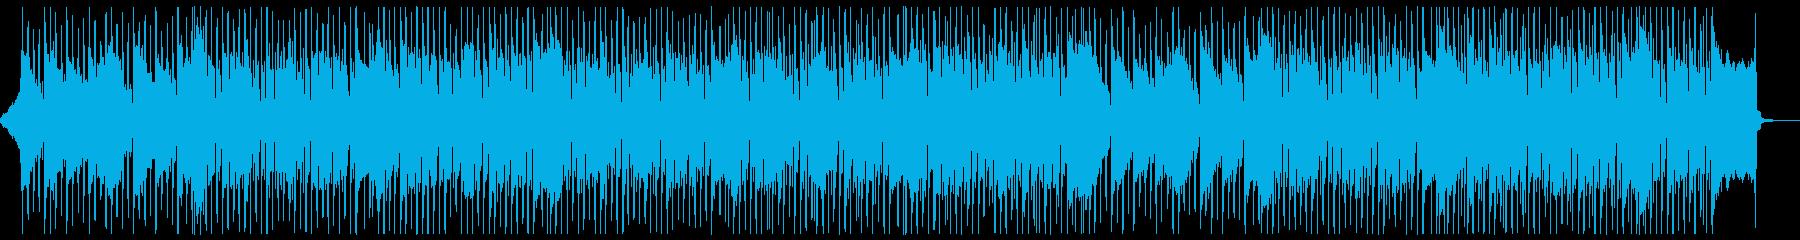 明るい企業VPにぴったりなギターインストの再生済みの波形